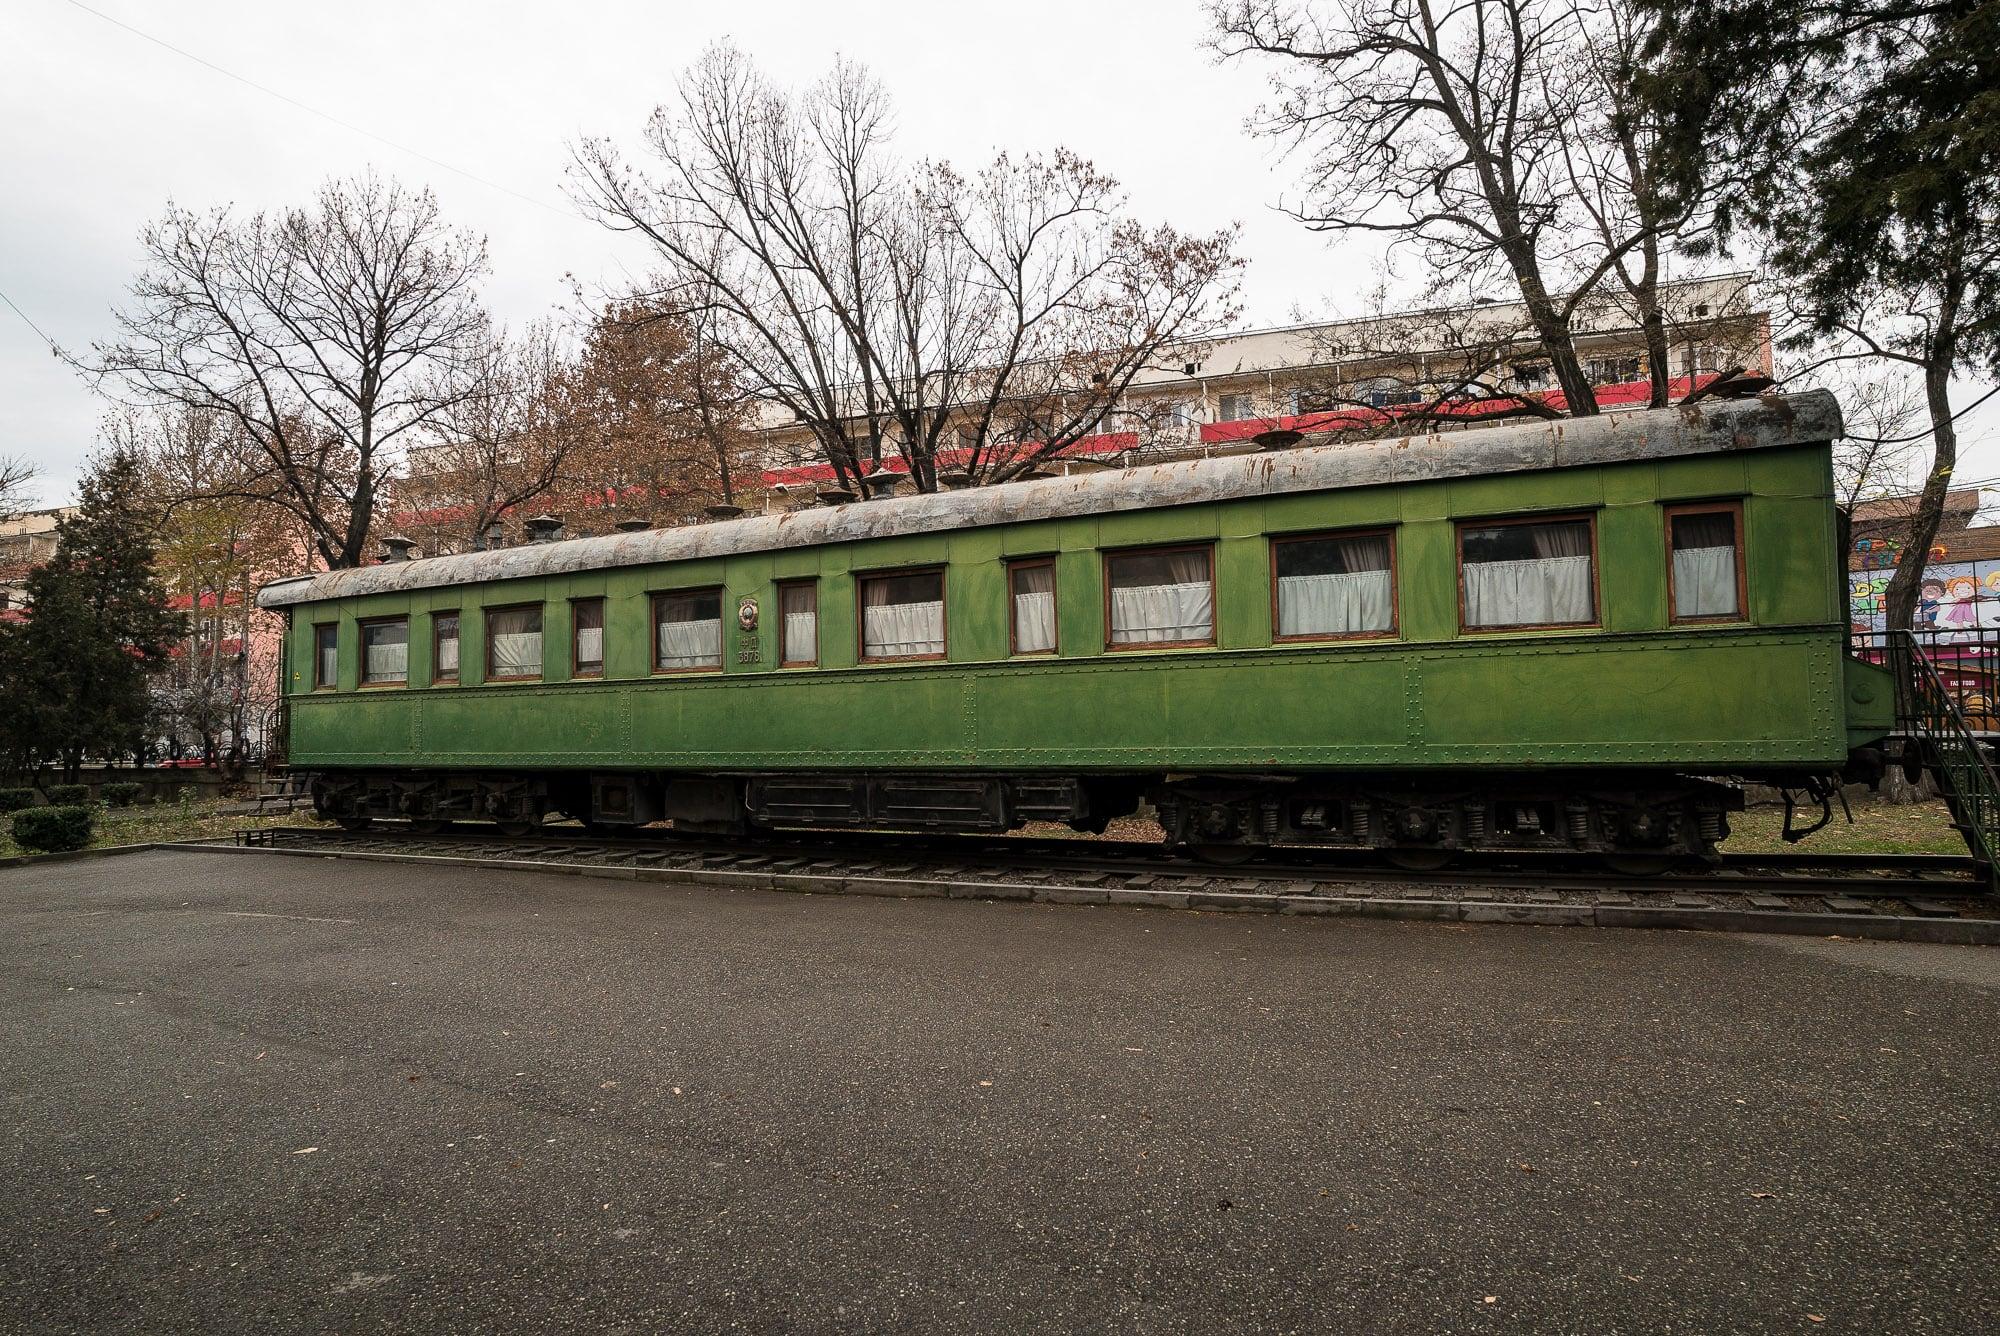 Stalin's train